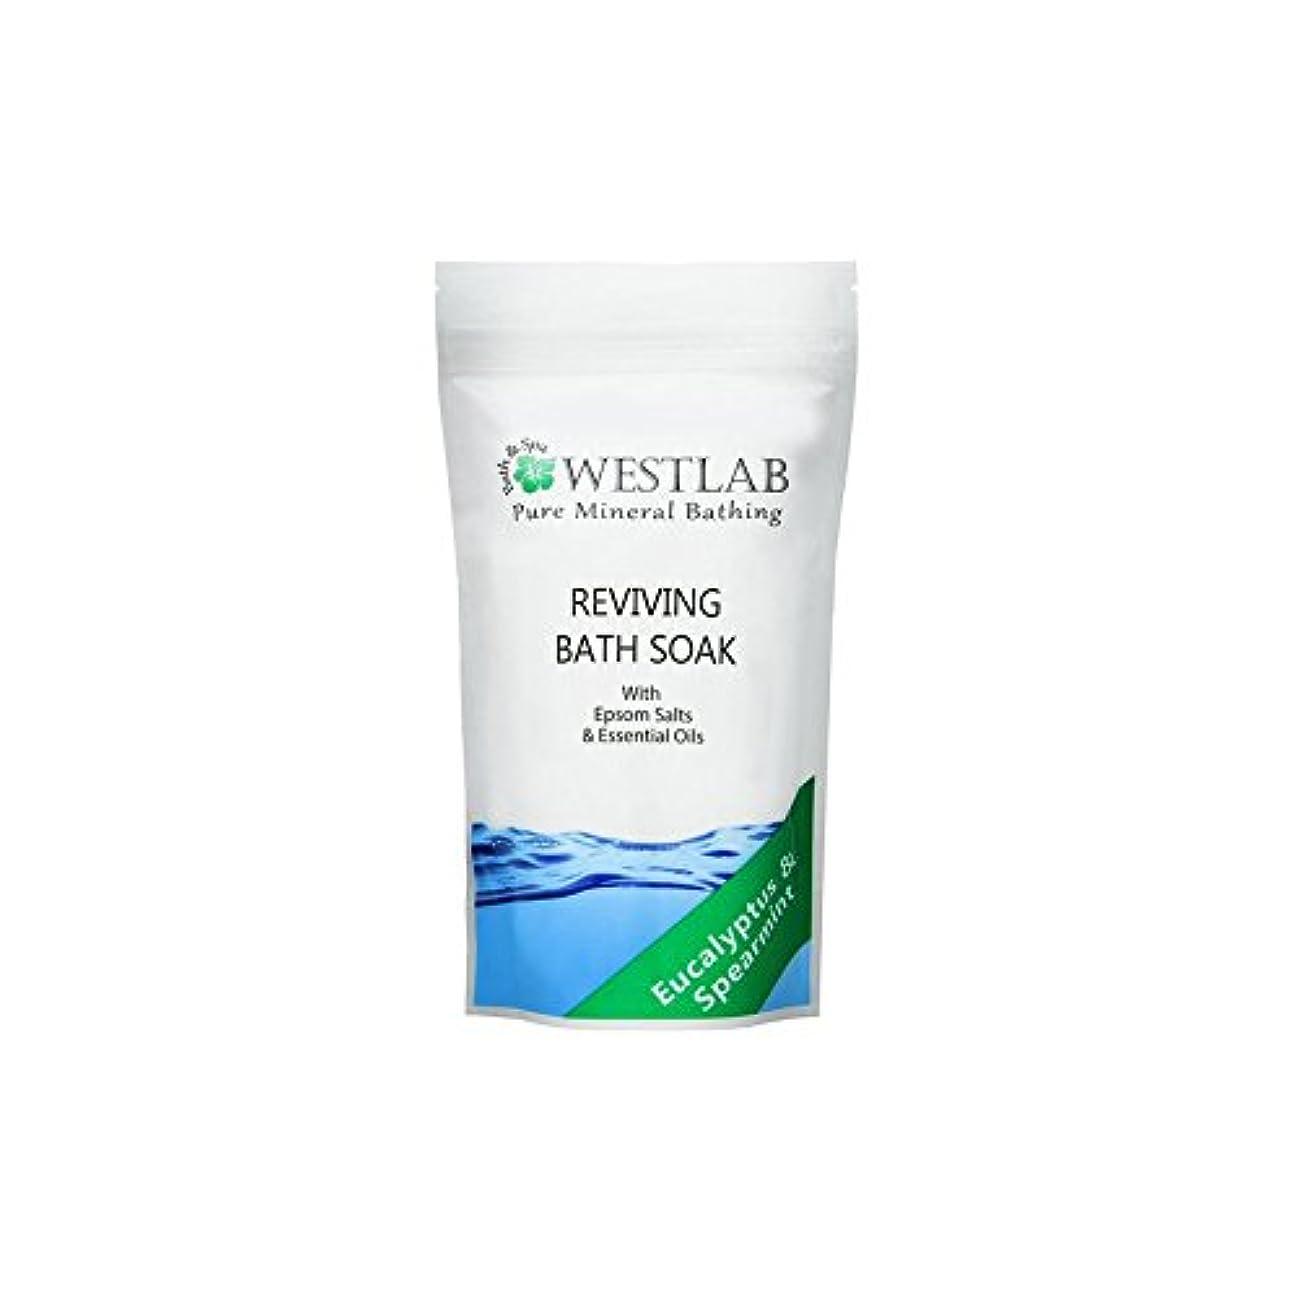 散歩に行く鹿モス(500グラム)をソークエプソム塩浴を復活させます x2 - Westlab Revive Epsom Salt Bath Soak (500g) (Pack of 2) [並行輸入品]